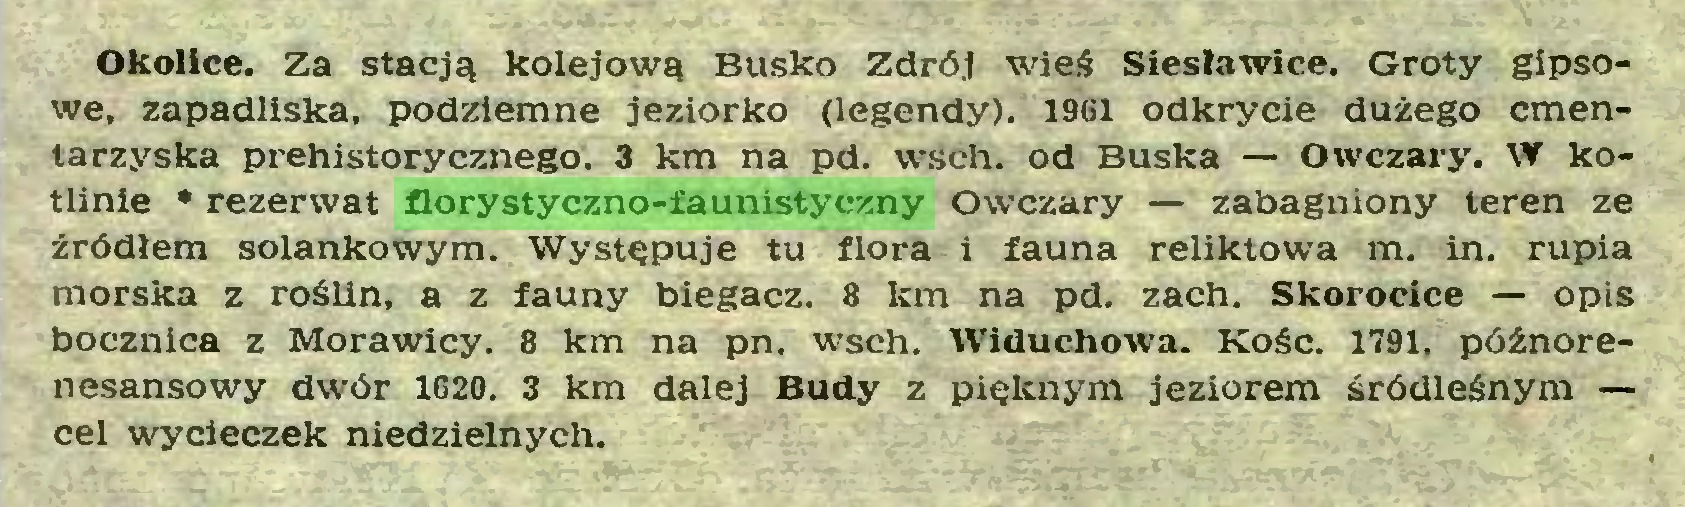 (...) Okolice. Za stacją kolejową Busko Zdrój wieś Siesławice. Groty gipsowe, zapadliska, podziemne jeziorko (legendy). 1961 odkrycie dużego cmentarzyska prehistorycznego. 3 km na pd. wsch. od Buska — Owczary. W kotlinie * rezerwat florystyczno-faunistyczny Owczary — zabagniony teren ze źródłem solankowym. Występuje tu flora i fauna reUktowa m. in. rupia morska z rośUn, a z fauny biegacz. 8 km na pd. zach. Skorocice — opis bocznica z Morawicy. 8 km na pn. wsch. Widuchowa. Kość. 1791, późnorenesansowy dwór 1620. 3 km dalej Budy z pięknym jeziorem śródleśnym — cel wycieczek niedzielnych...